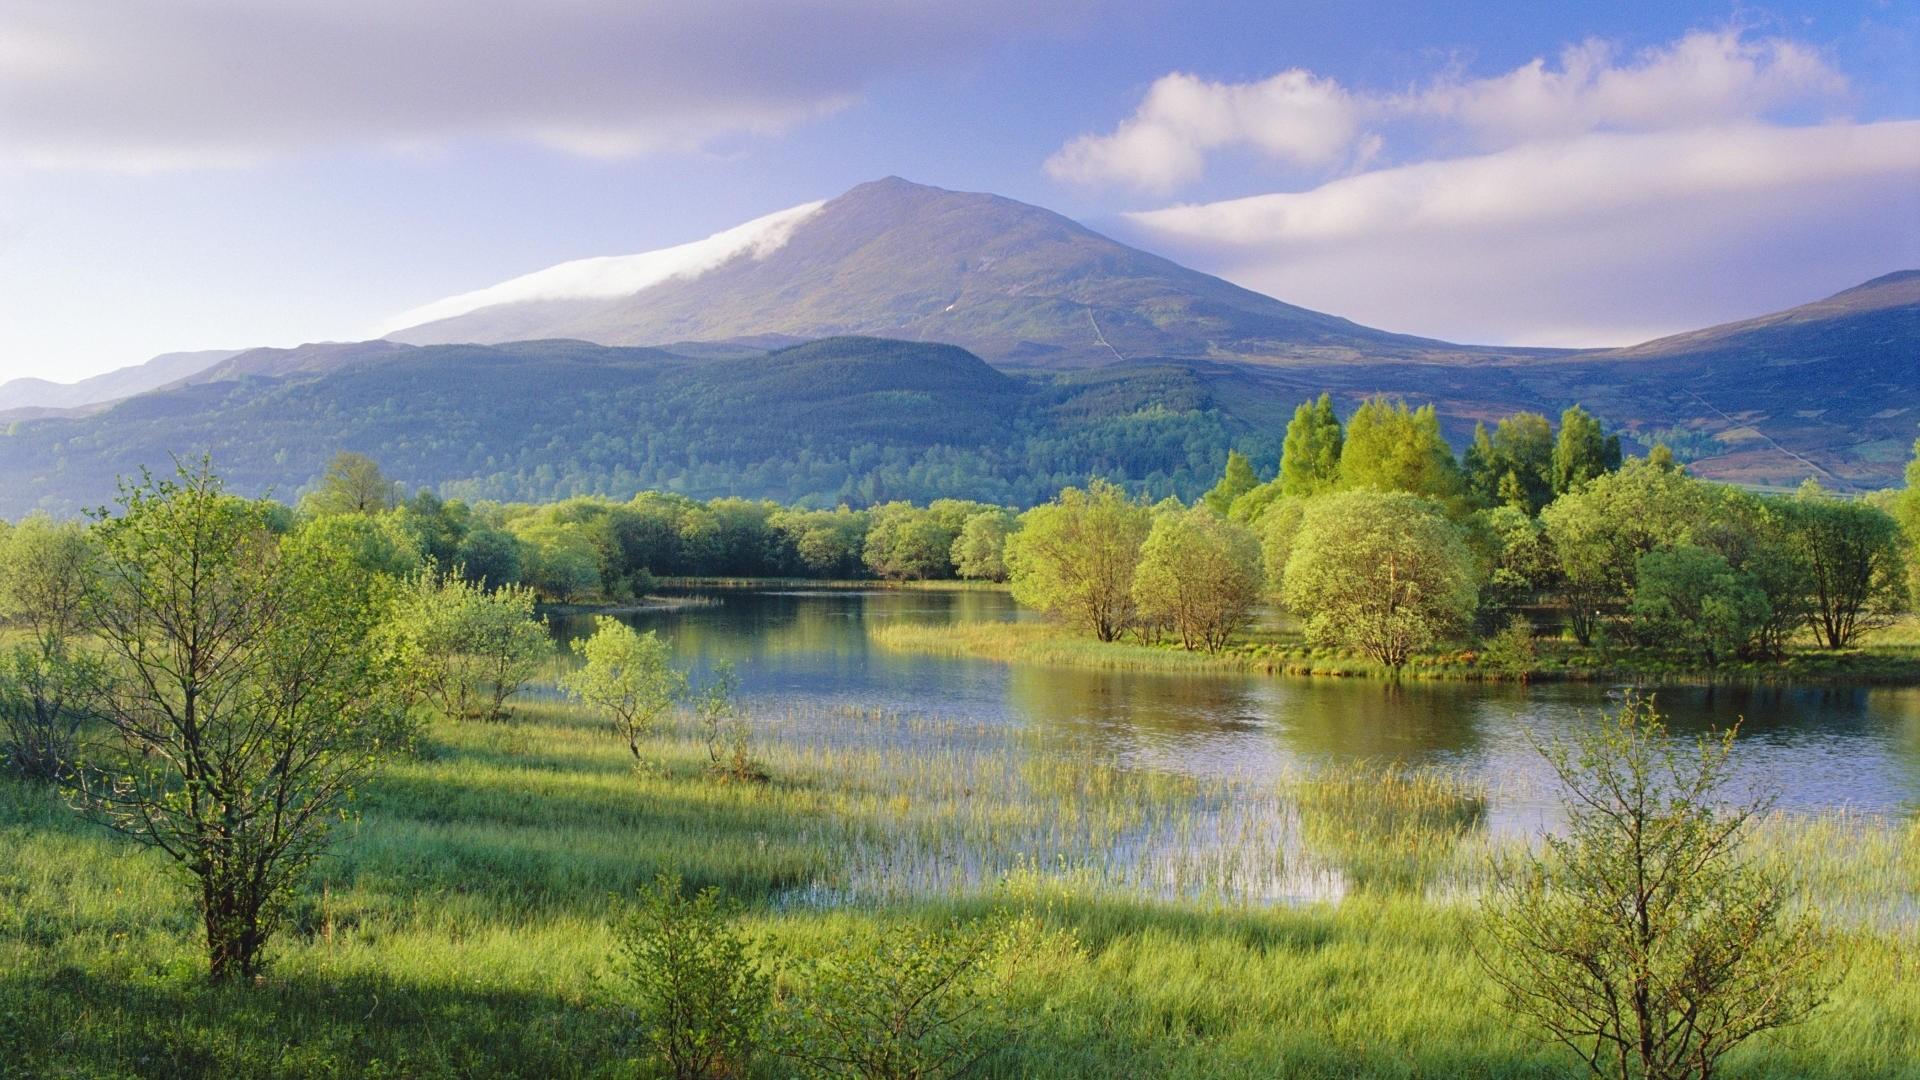 Scenic Landscape Wallpaper: Scenic Wallpaper Scene Panorama Nature Lakes Landscape Your Hd 1920x1080px